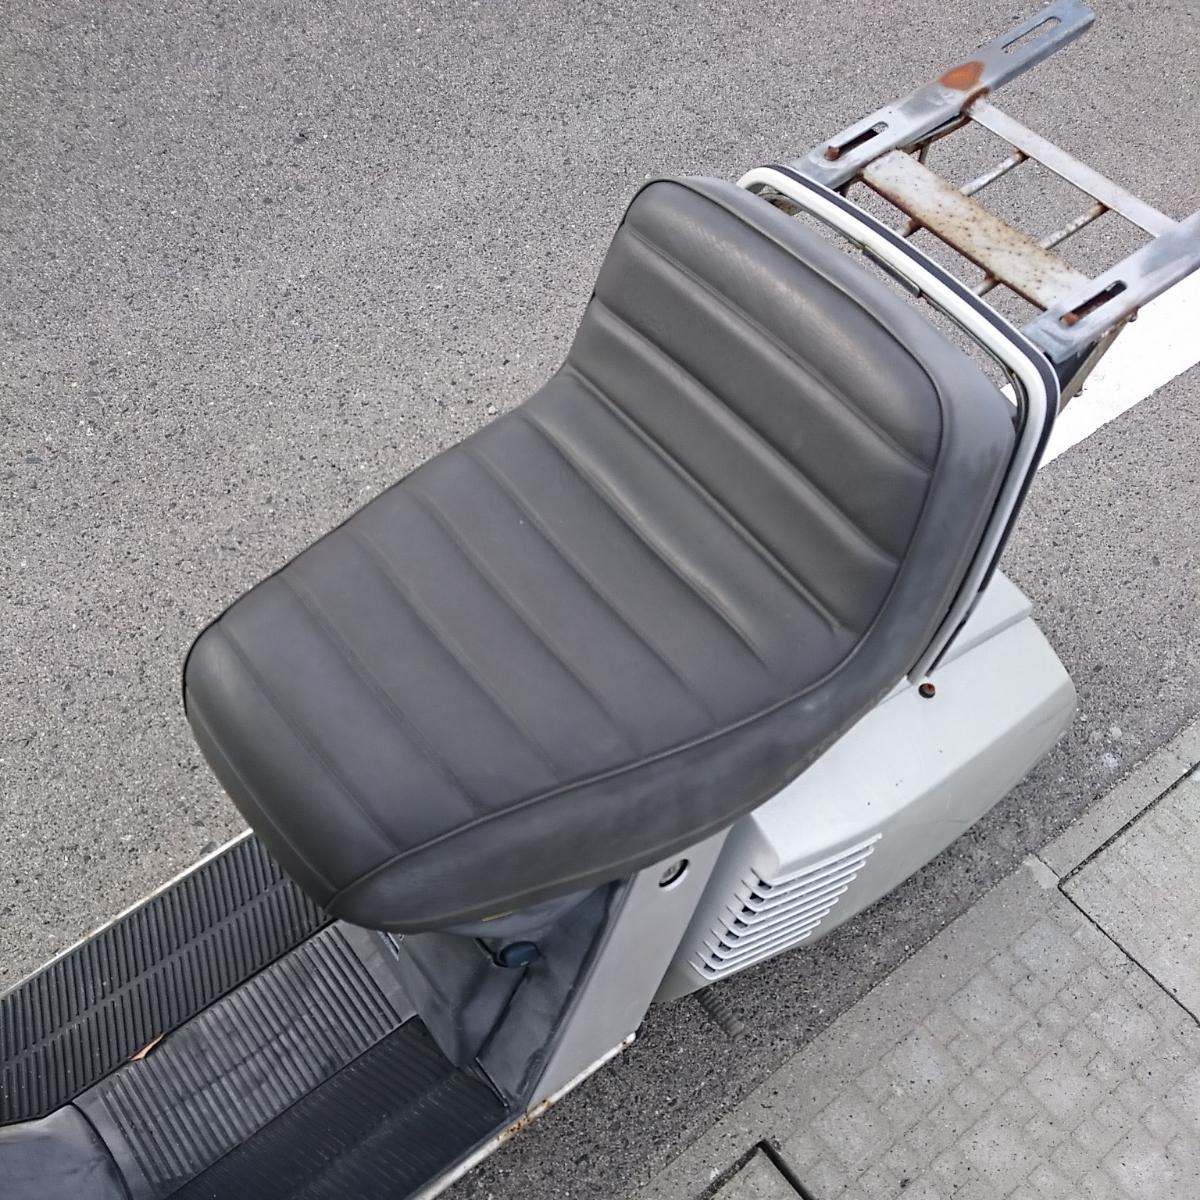 ホンダ ストリーム TB07 レストアベース カスタムベース 三輪 希少 旧車 _画像8